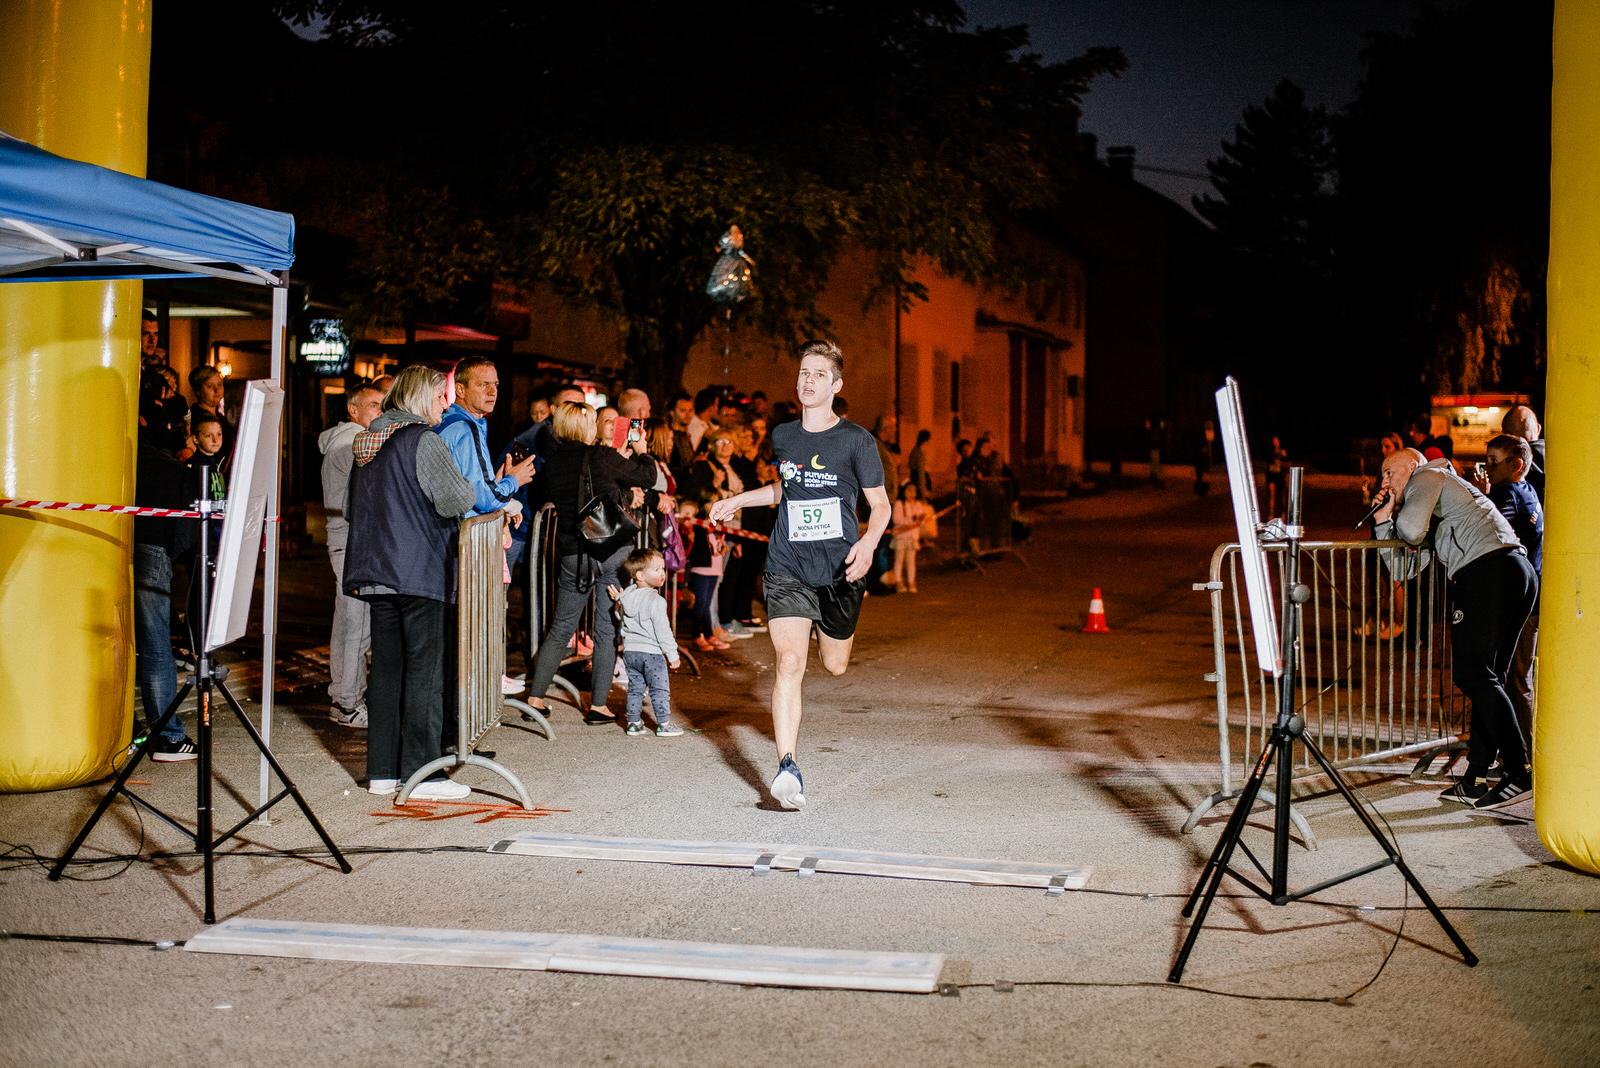 likaclub_korenica_noćna-utrka-2019-42